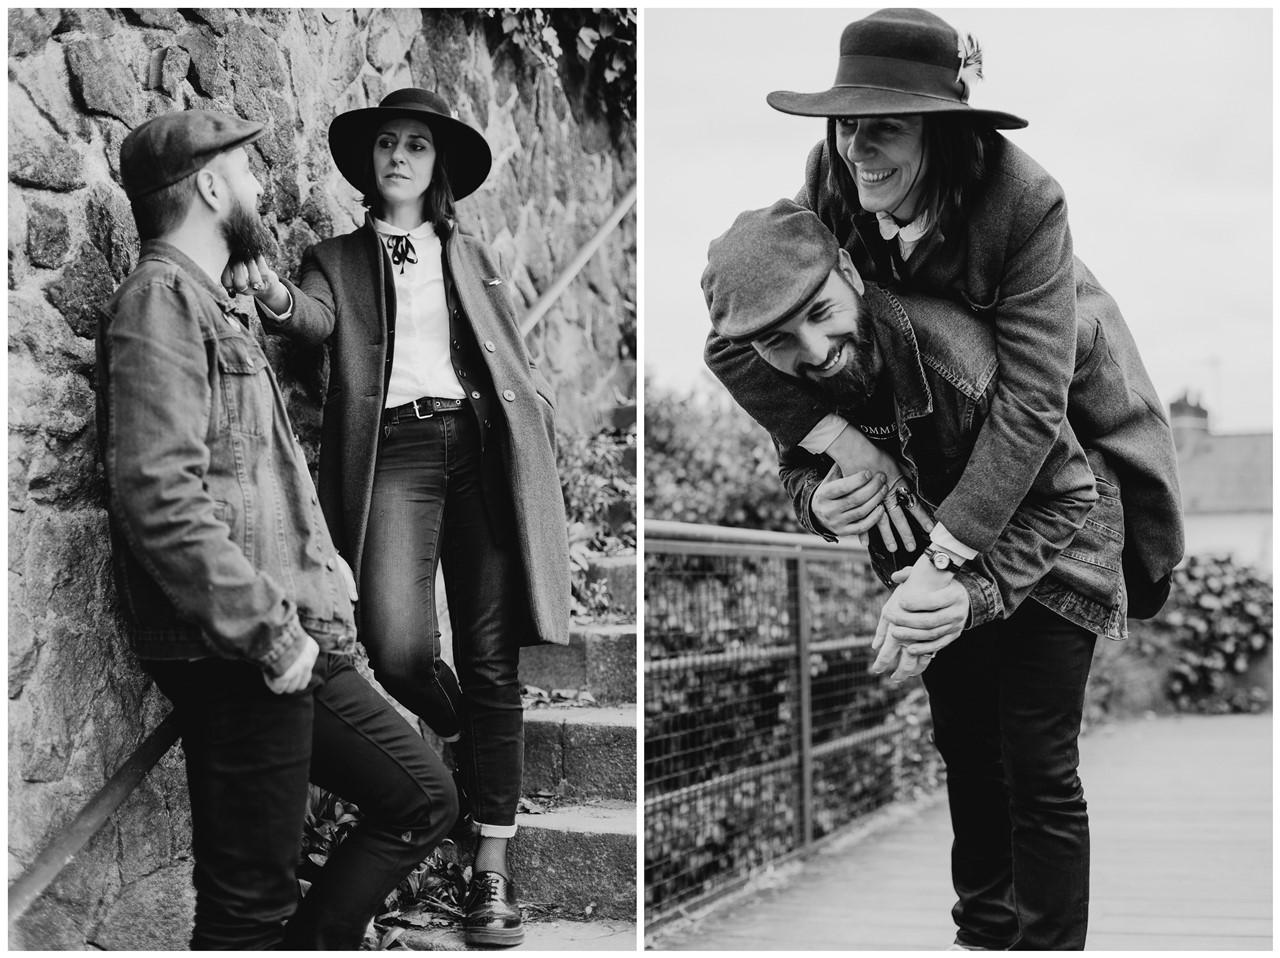 séance couple rock nantes complicité noir et blanc